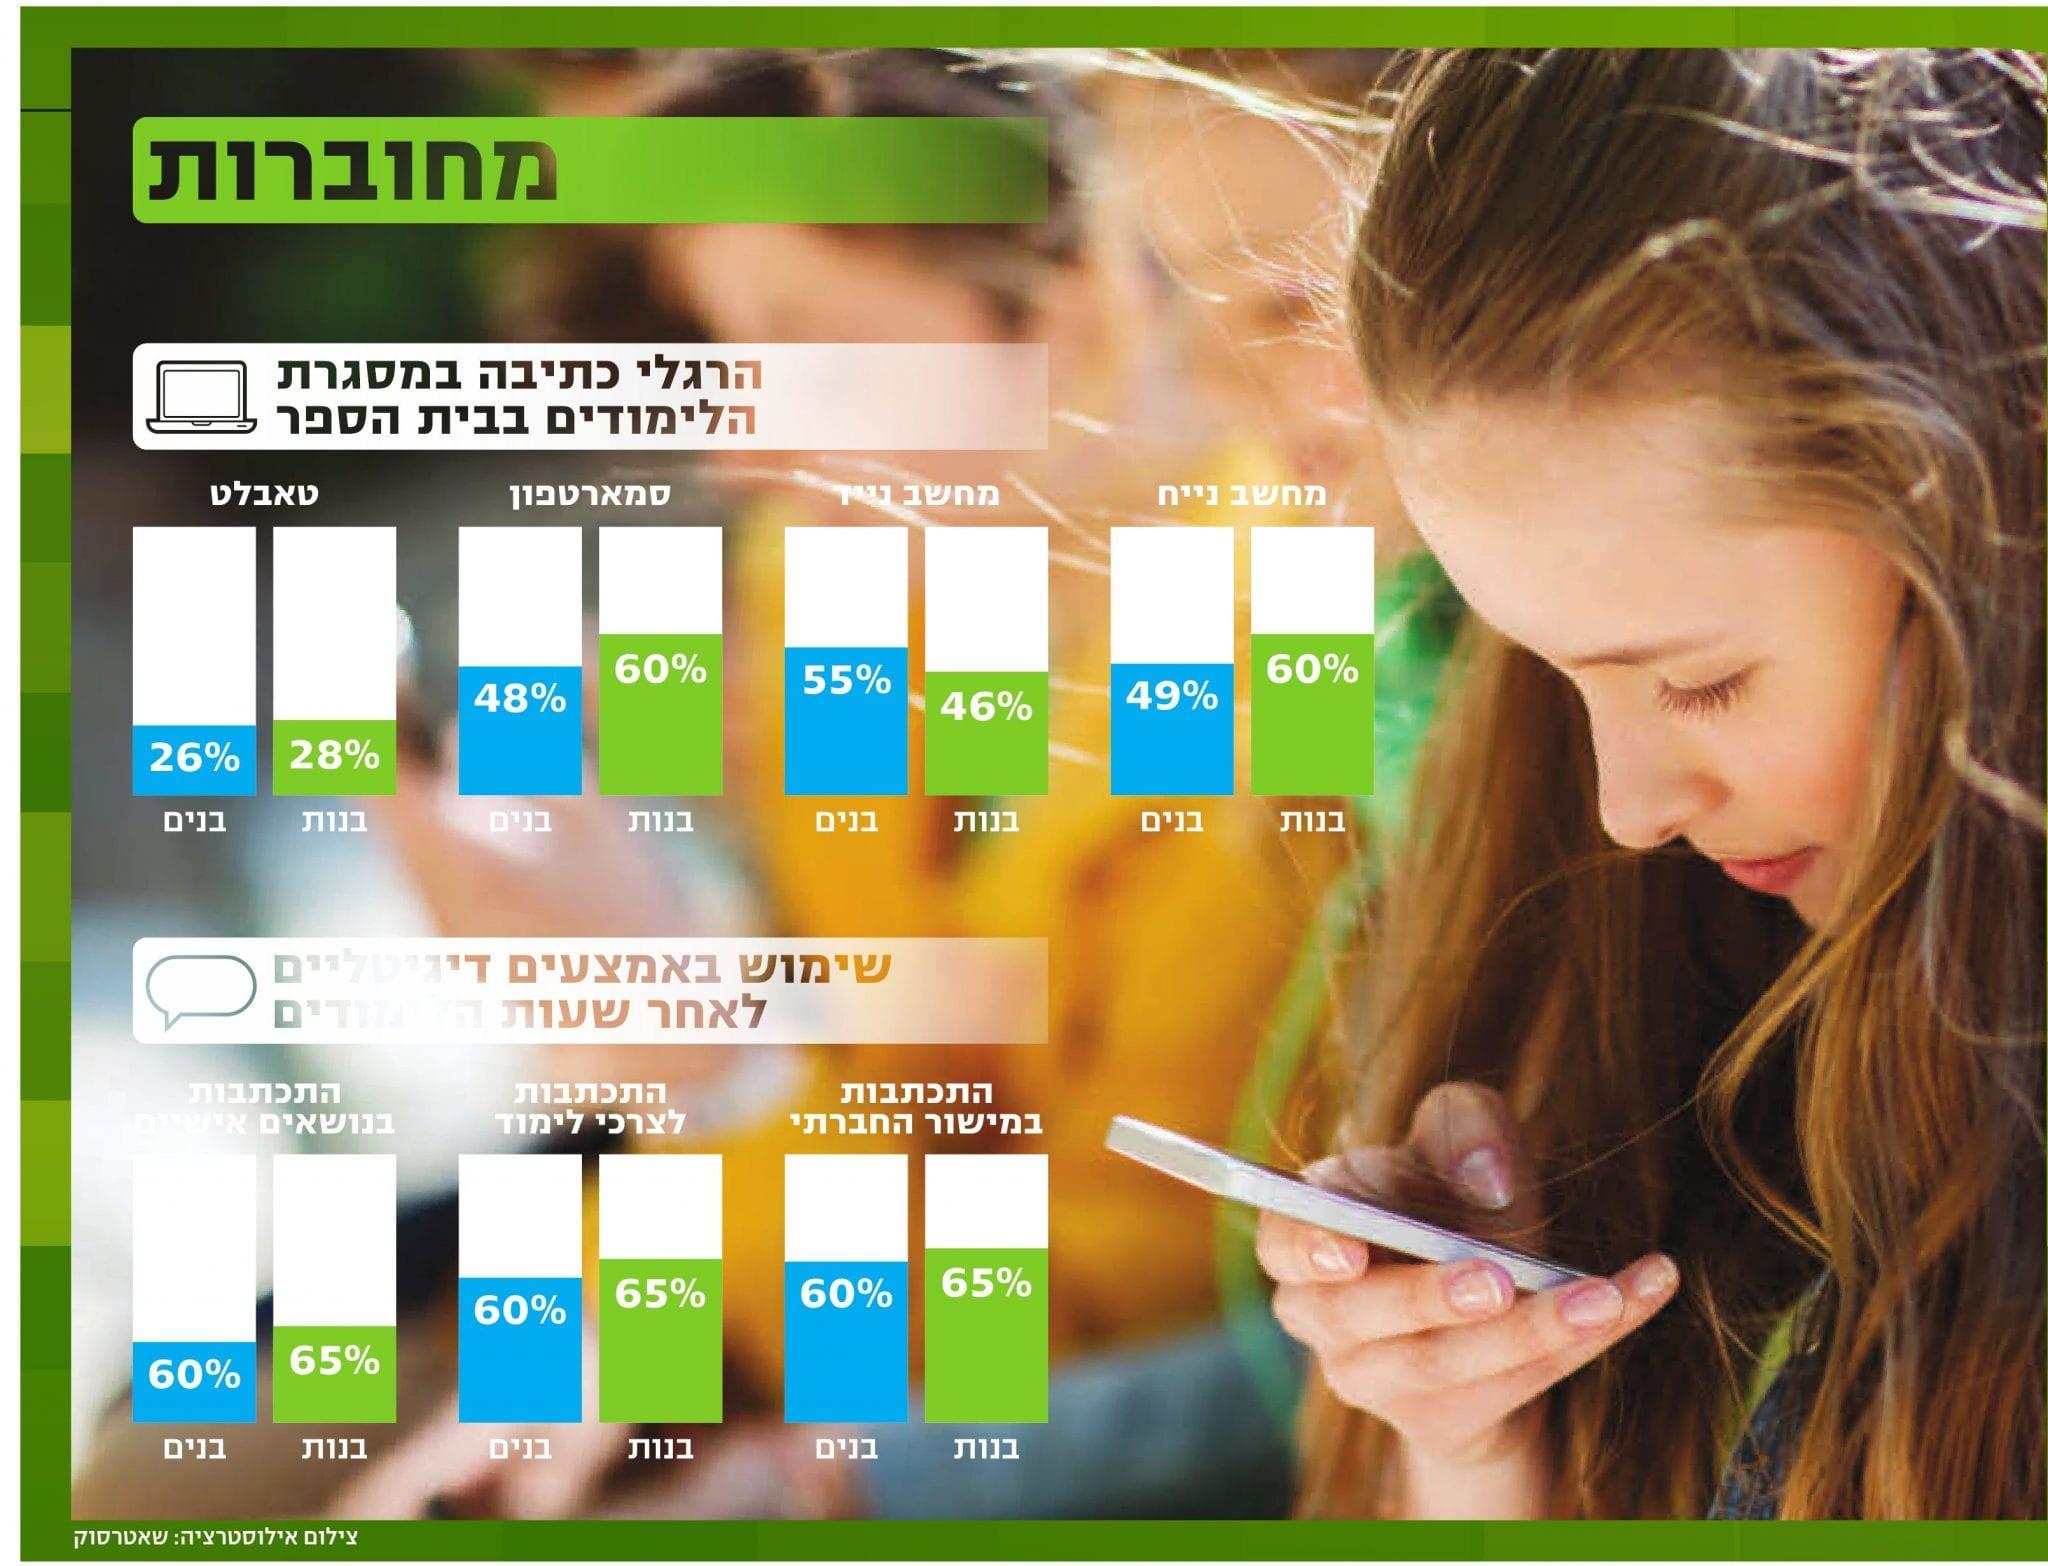 תמונה של גרף הסקר מתוך הכתבה - תלמידות יותר דיגיטליות